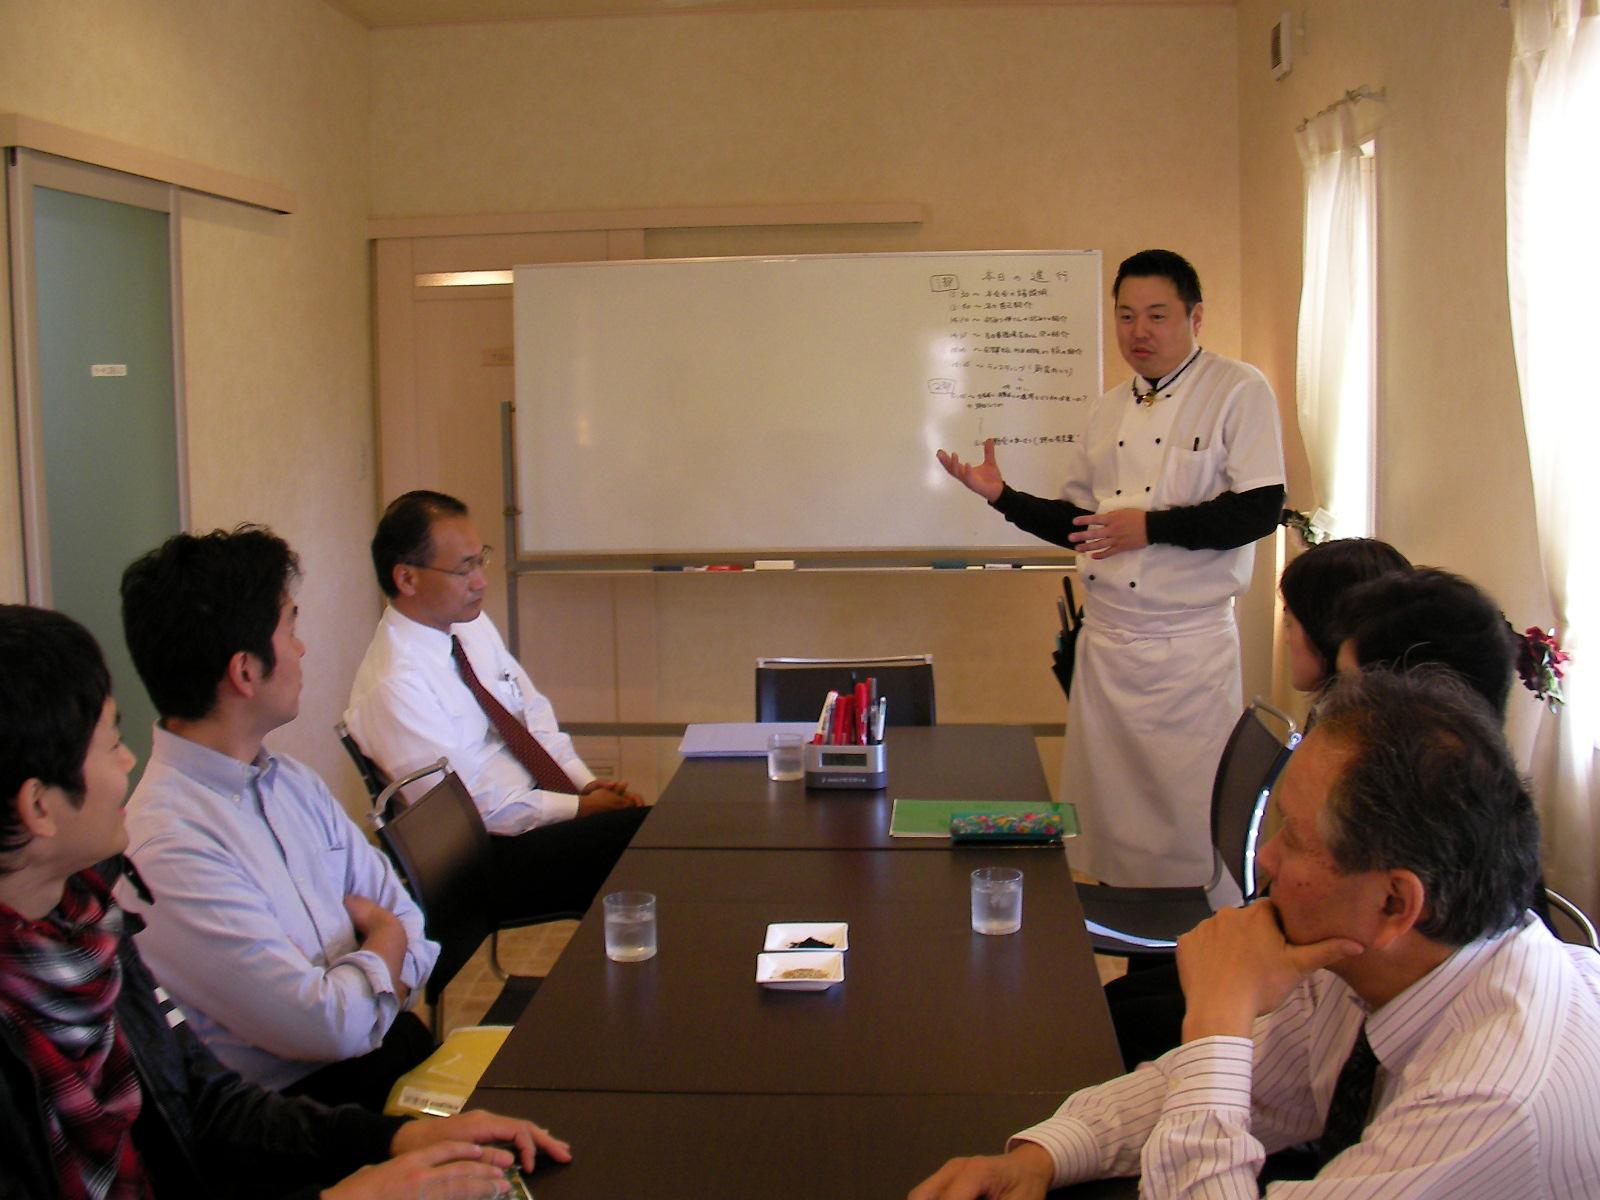 ブリアンブラン野田夫妻が、生産者と消費者をつなぐ会を開催!